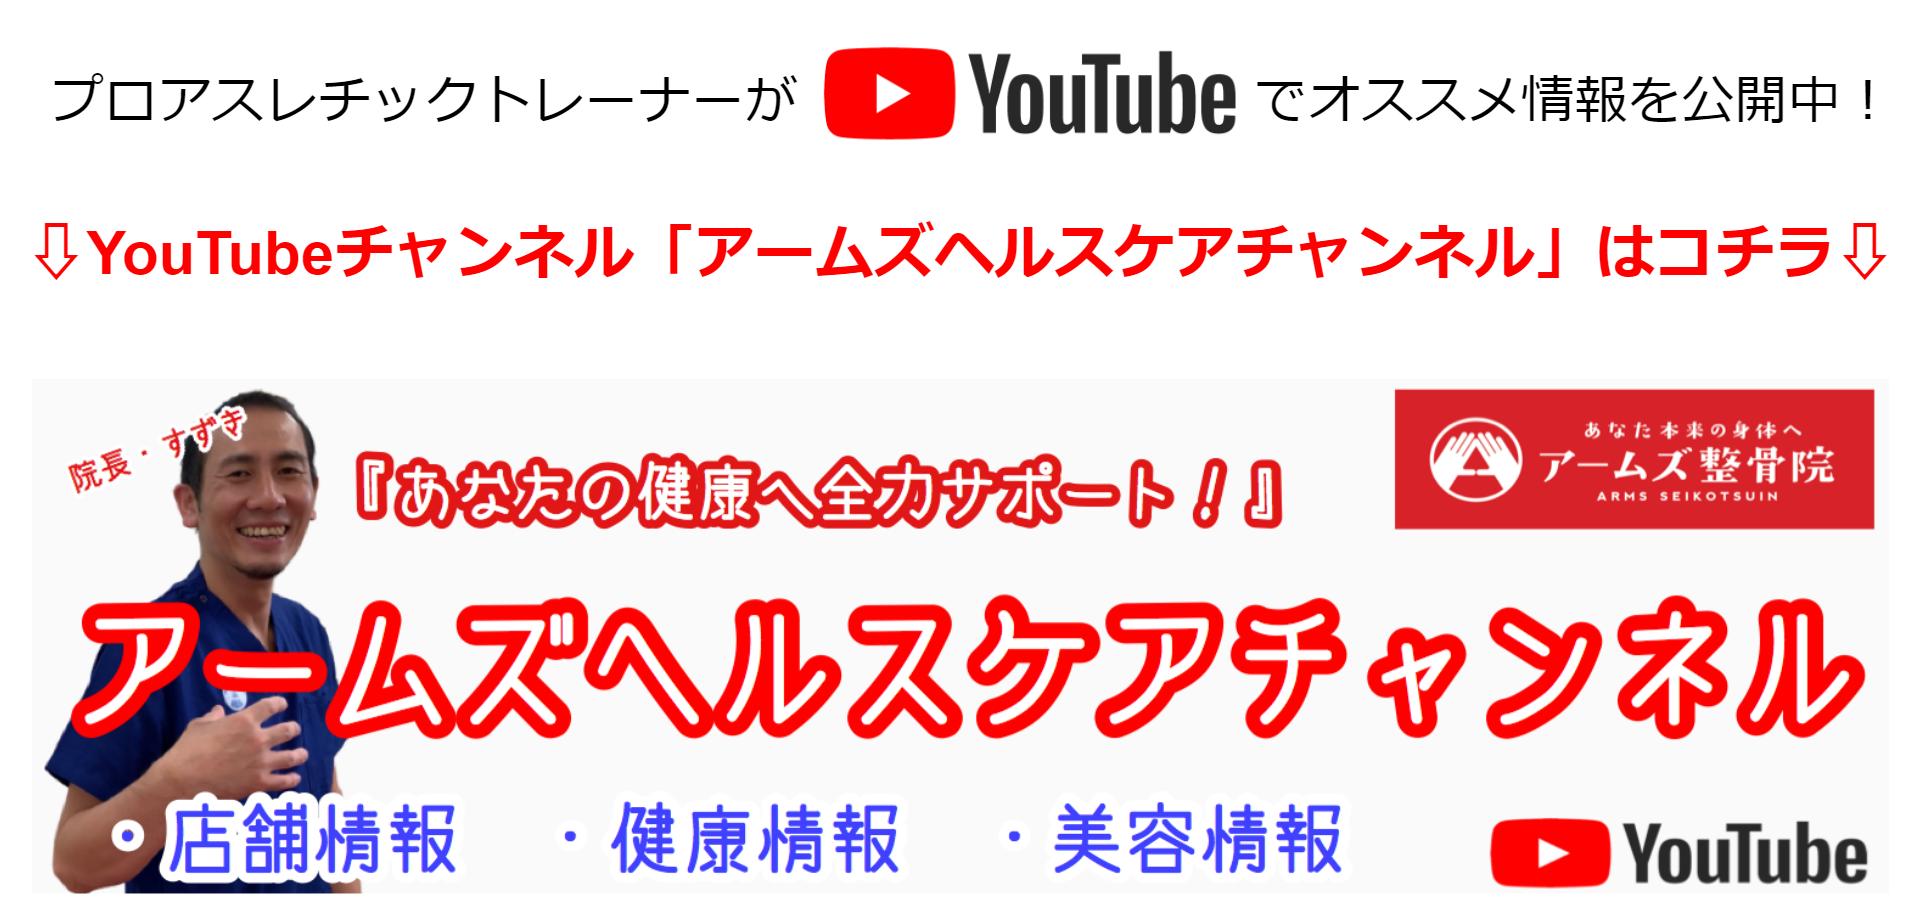 岡崎市アームズ整骨院YouTubeチャンネル紹介サムネイル